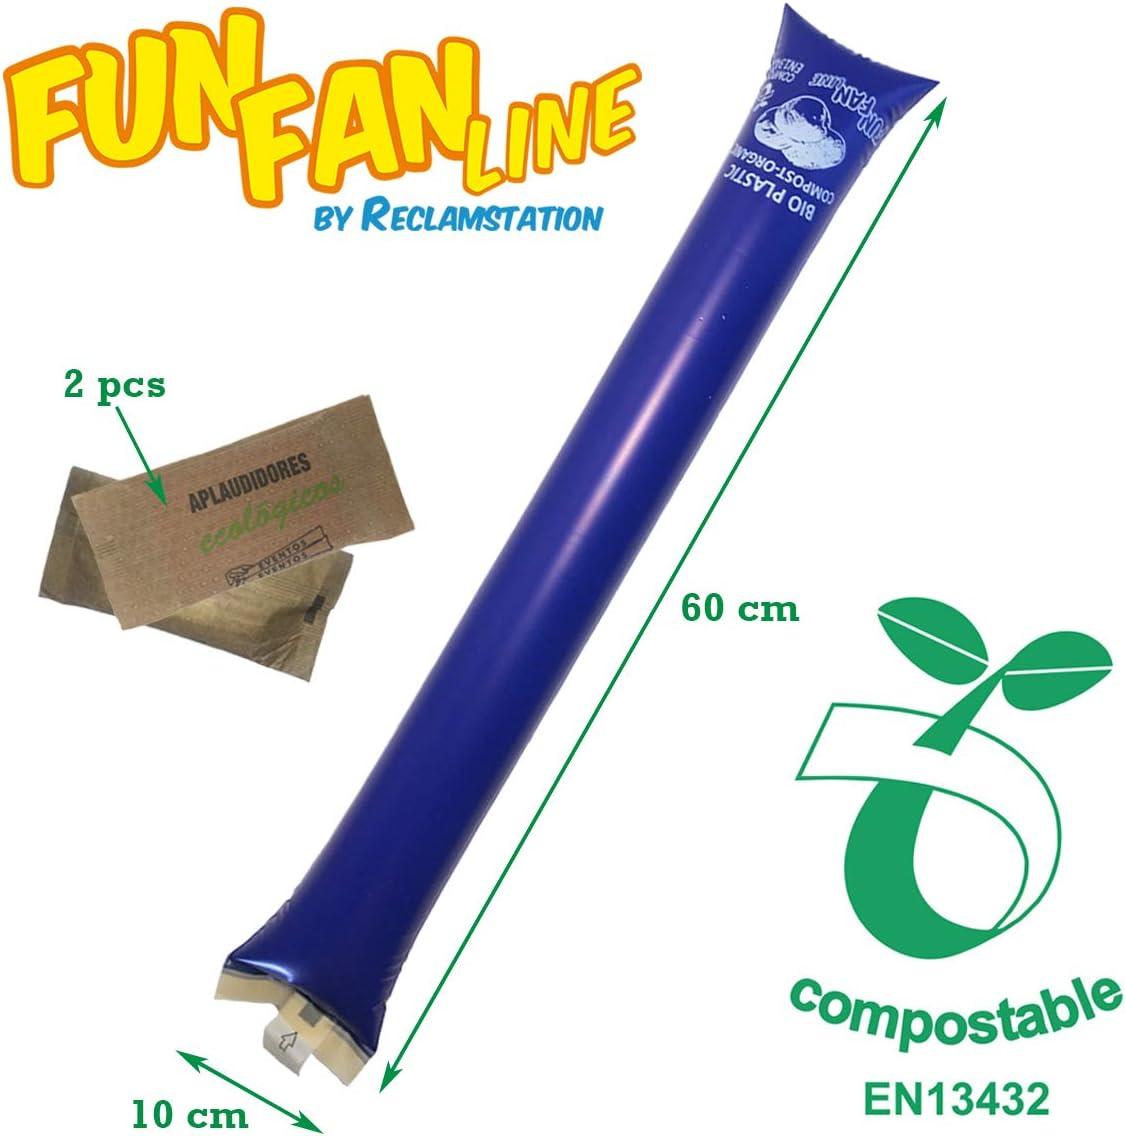 10 Coppie di bastoni gonfiabili compostabili al 100/% ecologici FUN FAN LINE per Compleanni Feste ed Eventi Sportivi Bioplastica Organica ed rispettoso dellambiente.